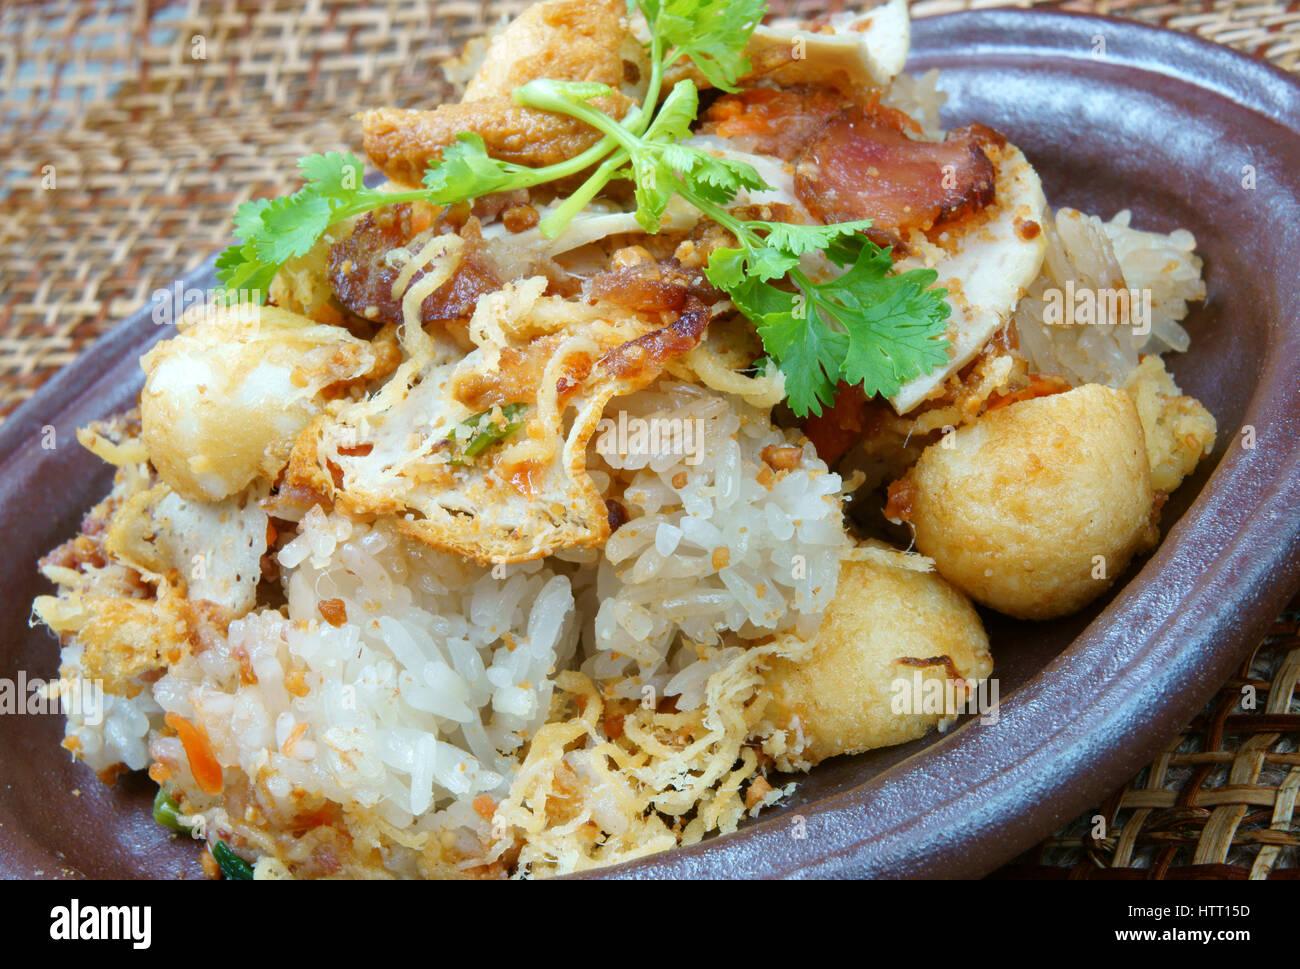 Comida vietnamita, salados o xoi subgum xoi es popular de Vietnam, alimentos para el desayuno o la merienda, también Foto de stock